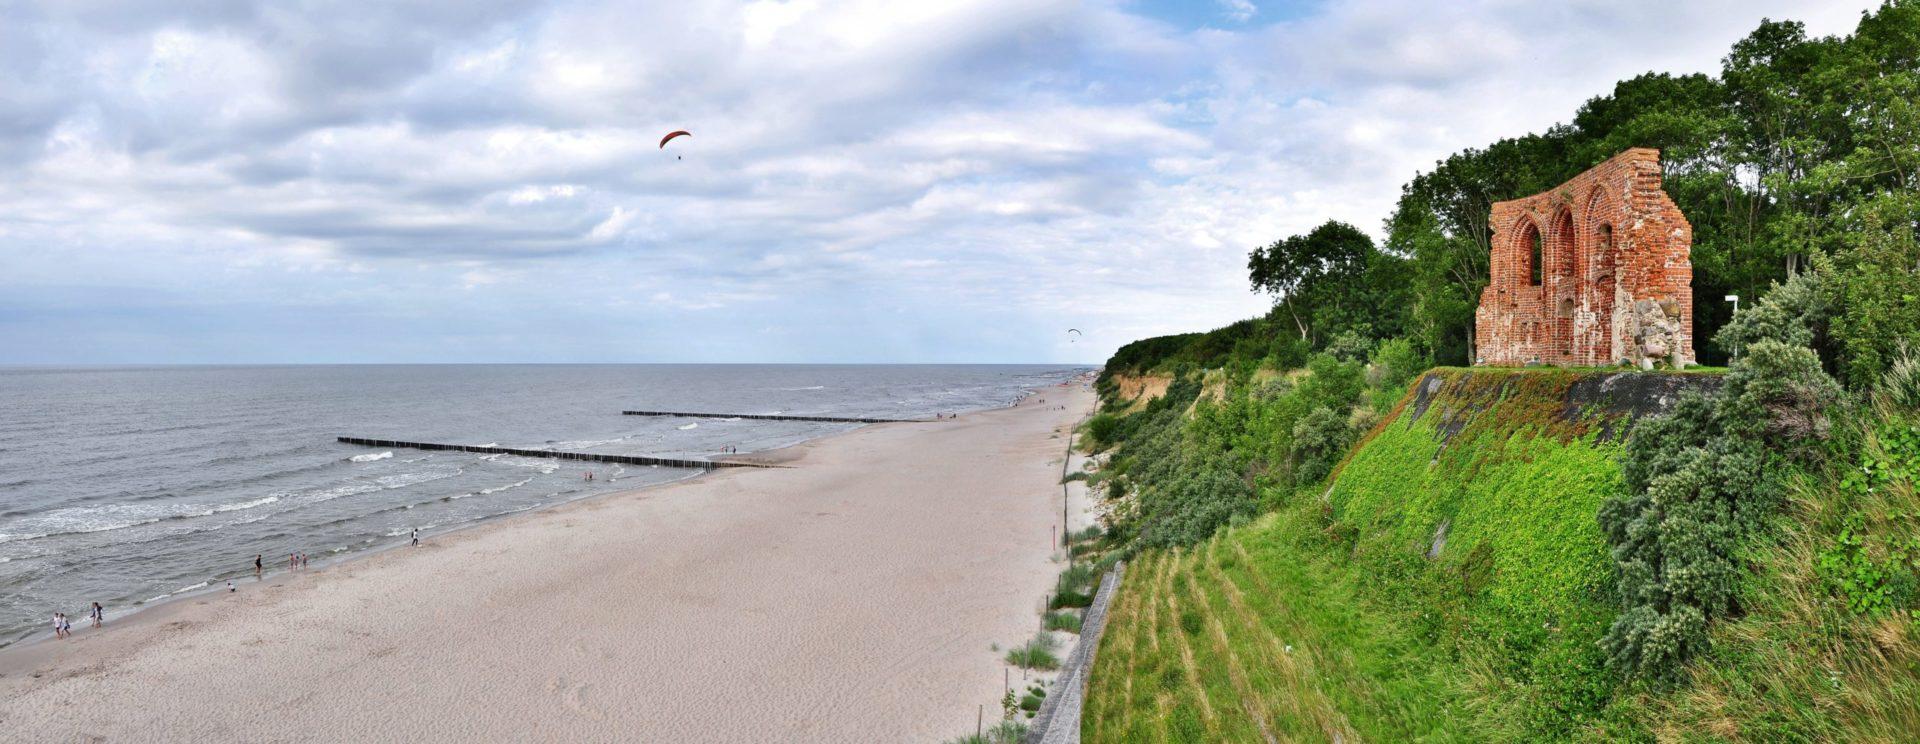 Blaualgen Polnische Ostsee